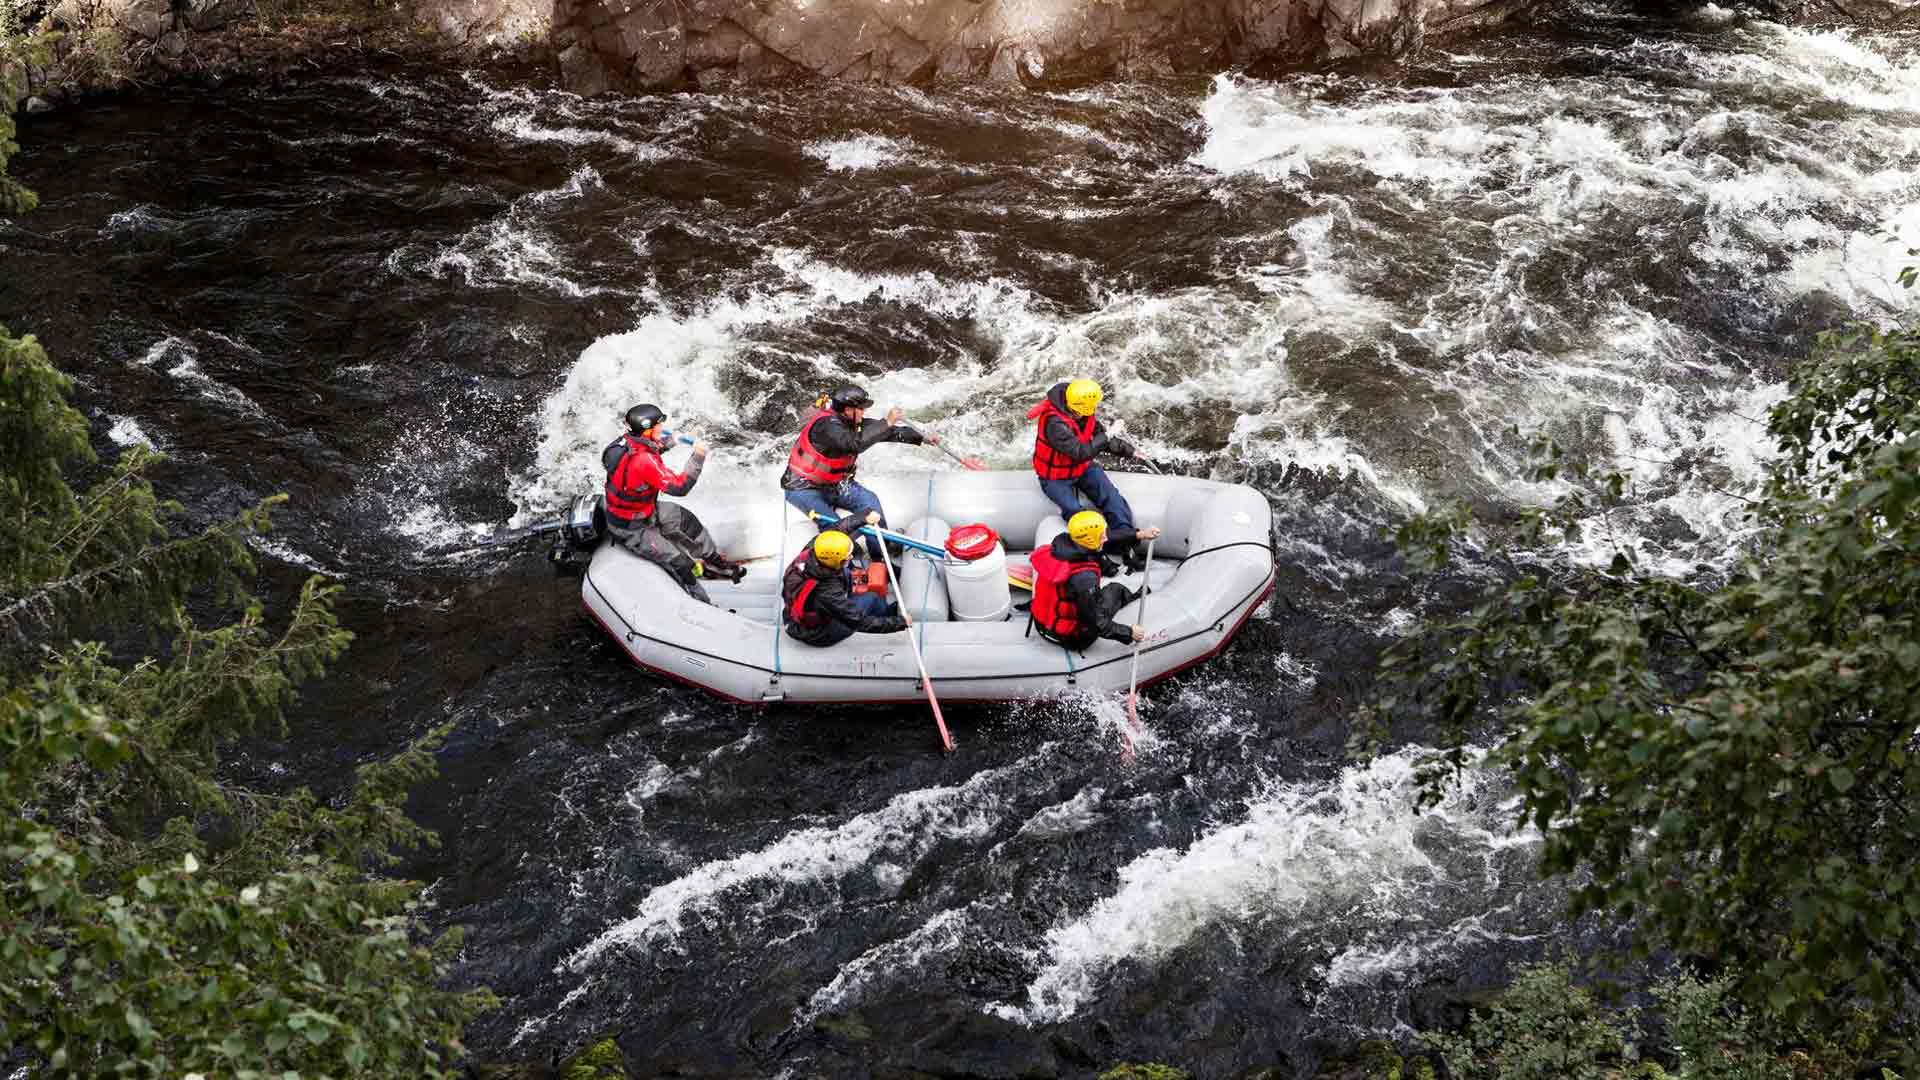 Koko kitkajoen valloitus -koskiseikkailussa koetaan jokikanjonin kaikki 12 koskea.